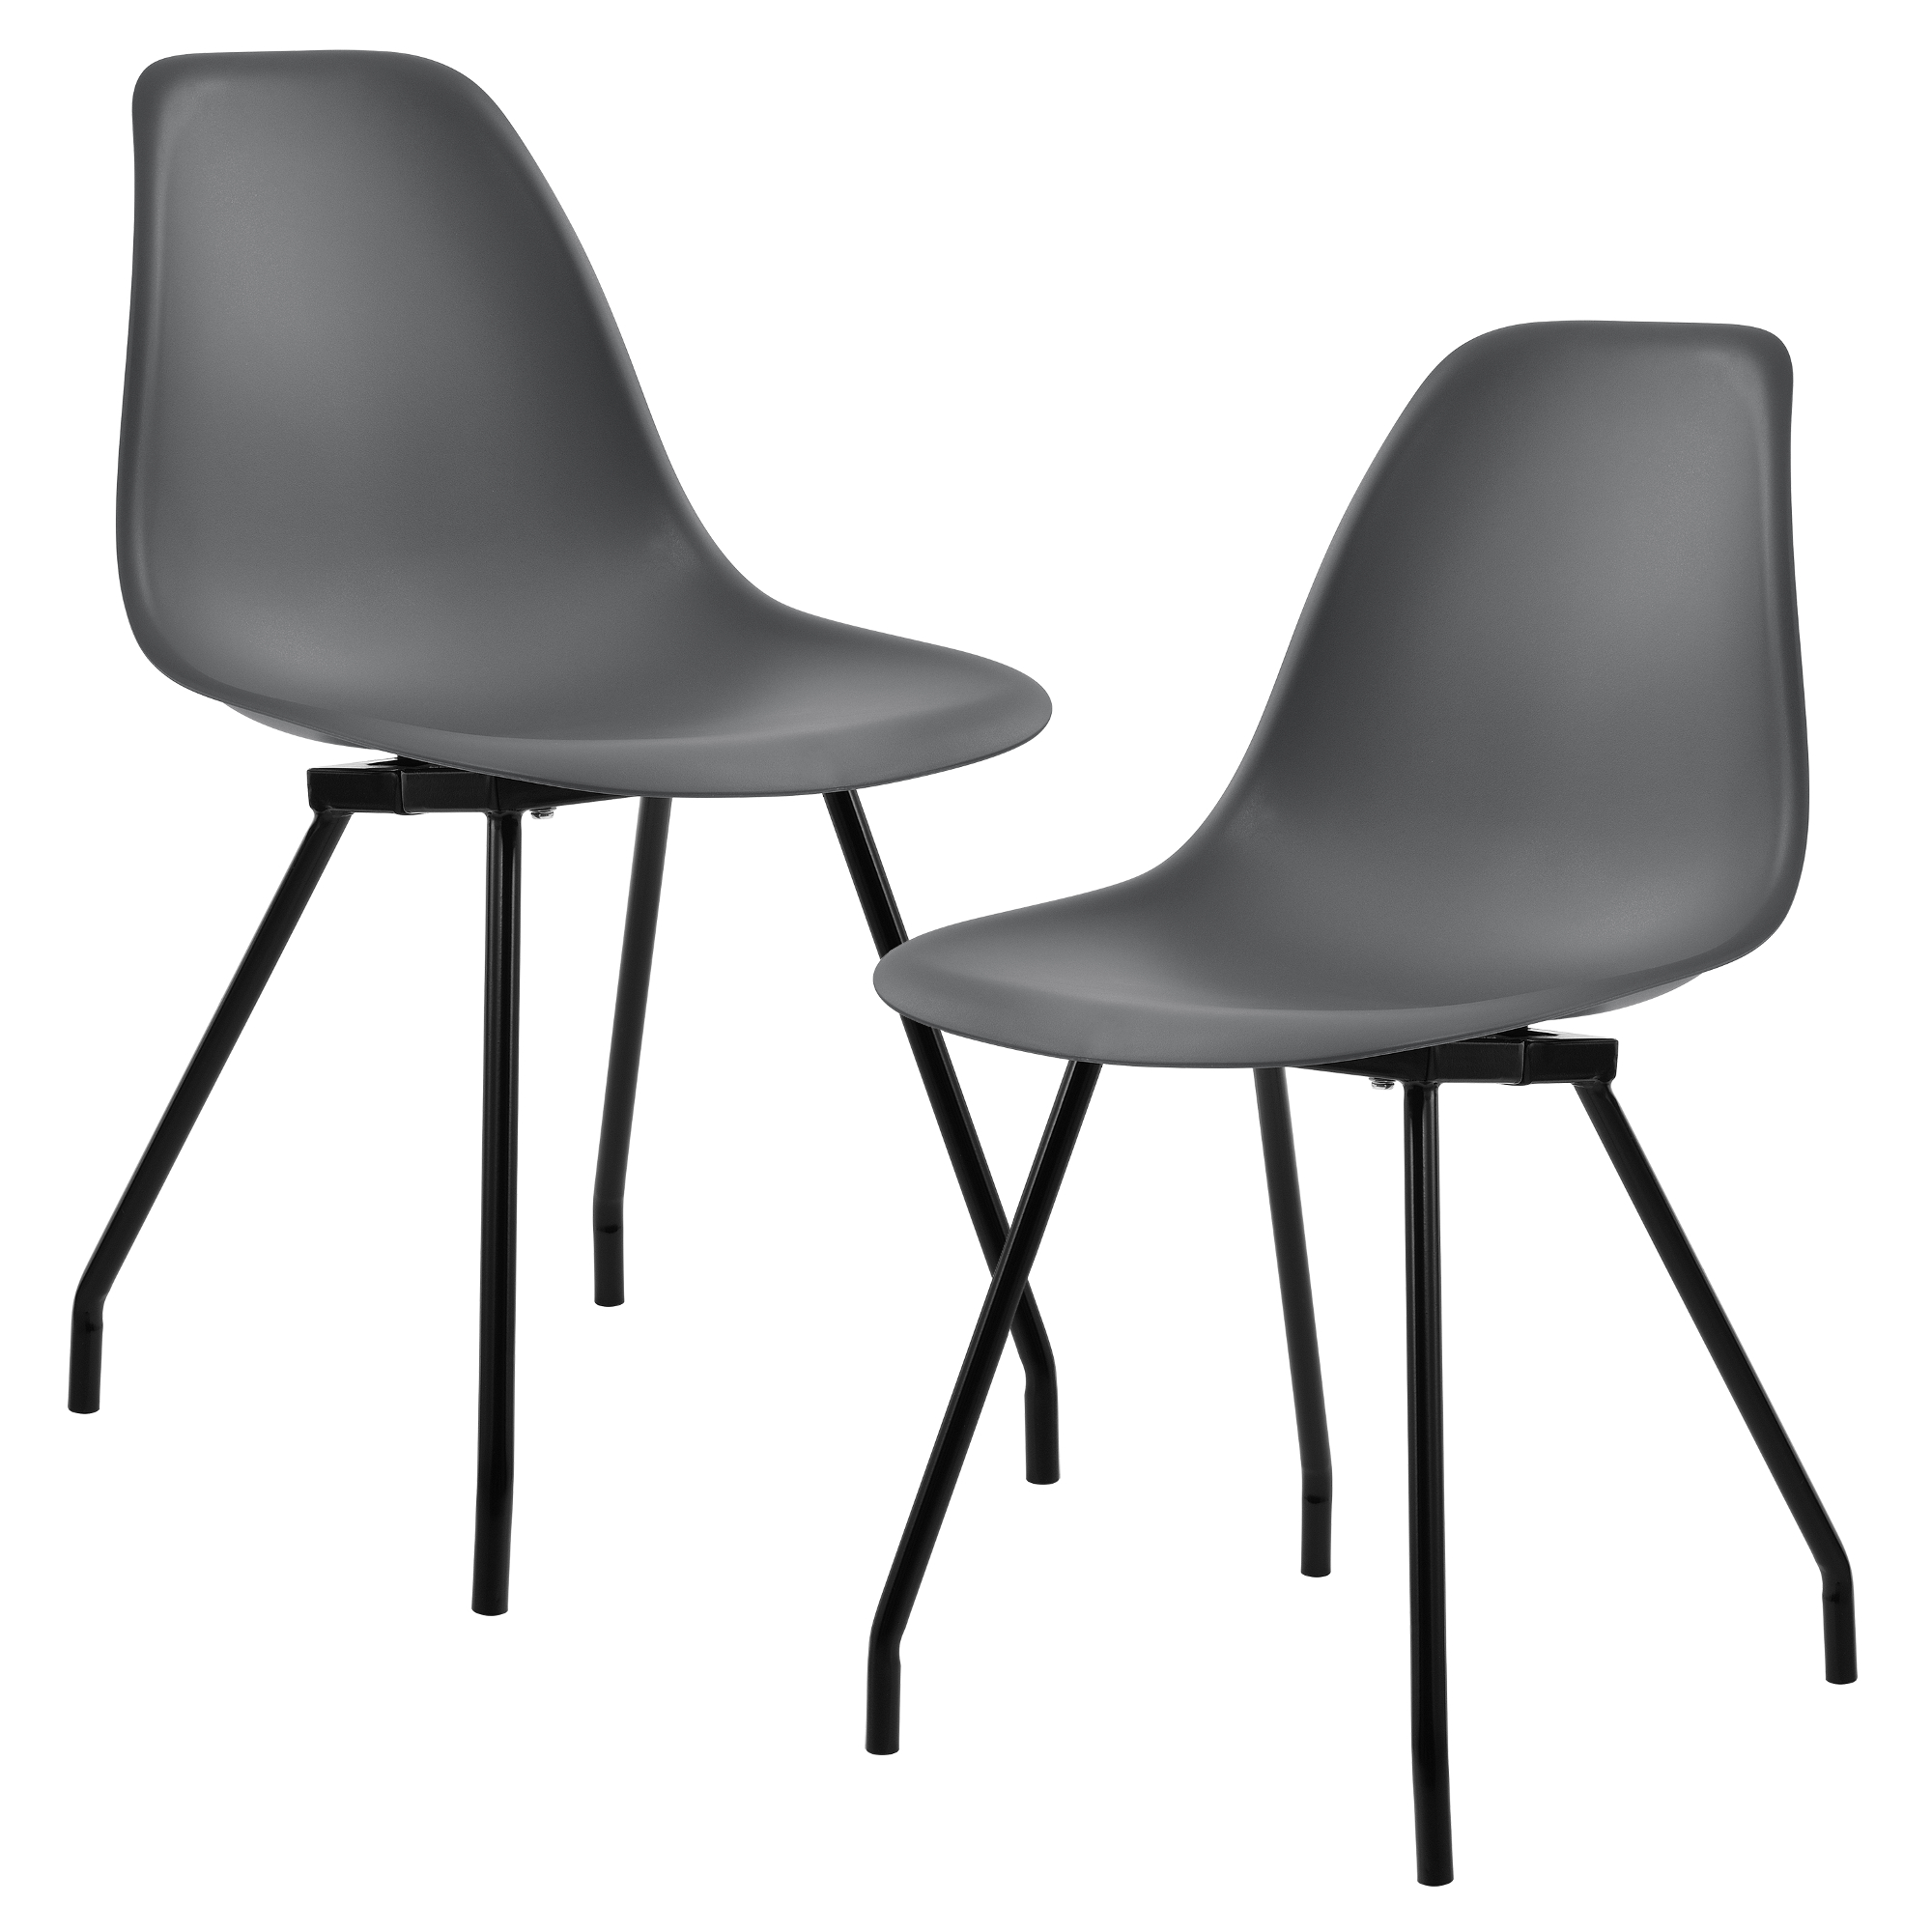 2x design st hle esszimmer stuhl plastik. Black Bedroom Furniture Sets. Home Design Ideas